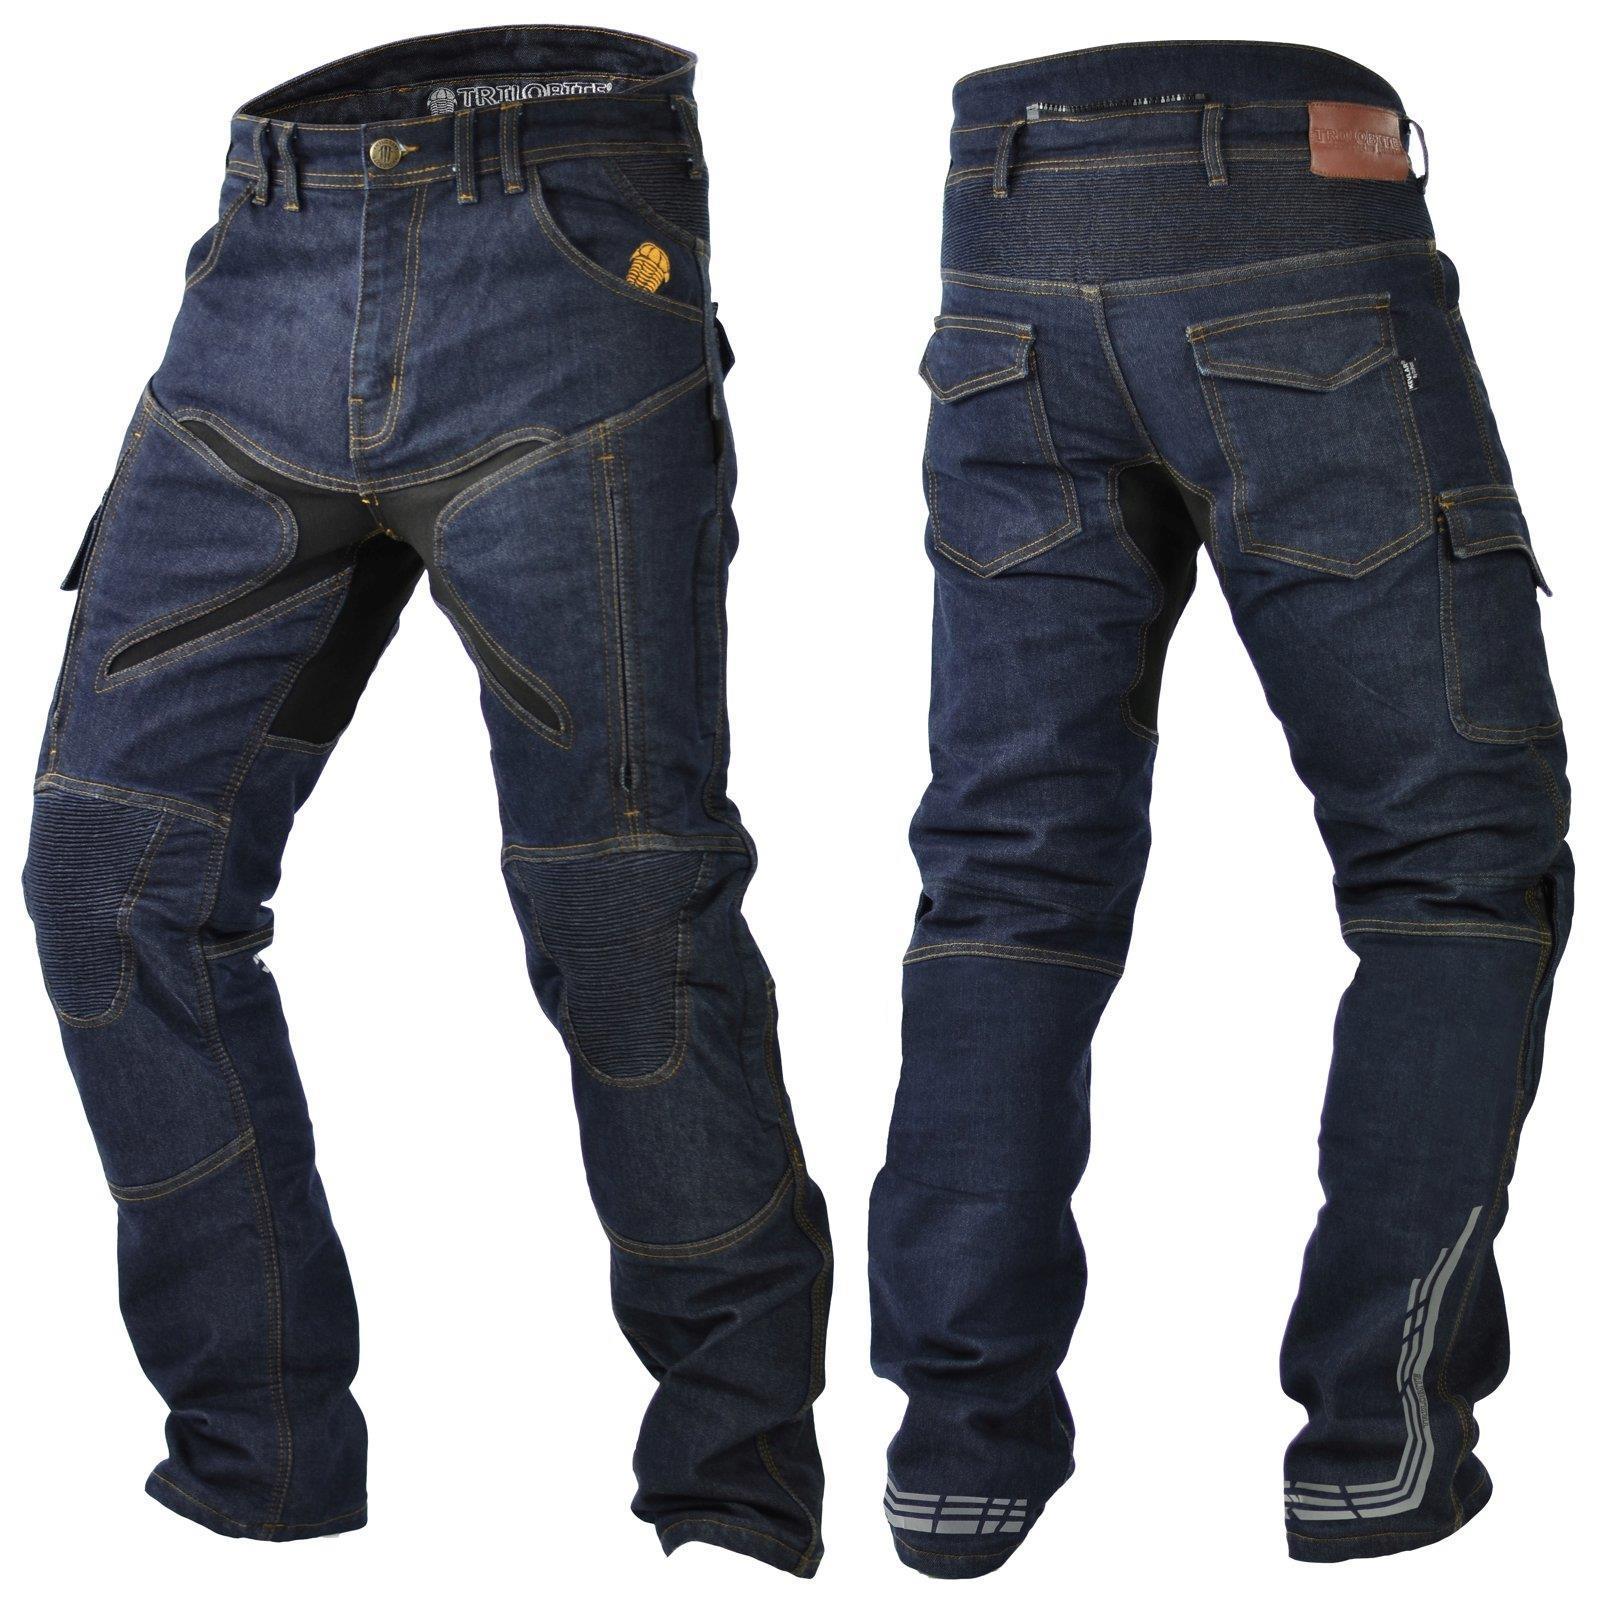 trilobite probut x factor herren motorrad jeans hose. Black Bedroom Furniture Sets. Home Design Ideas